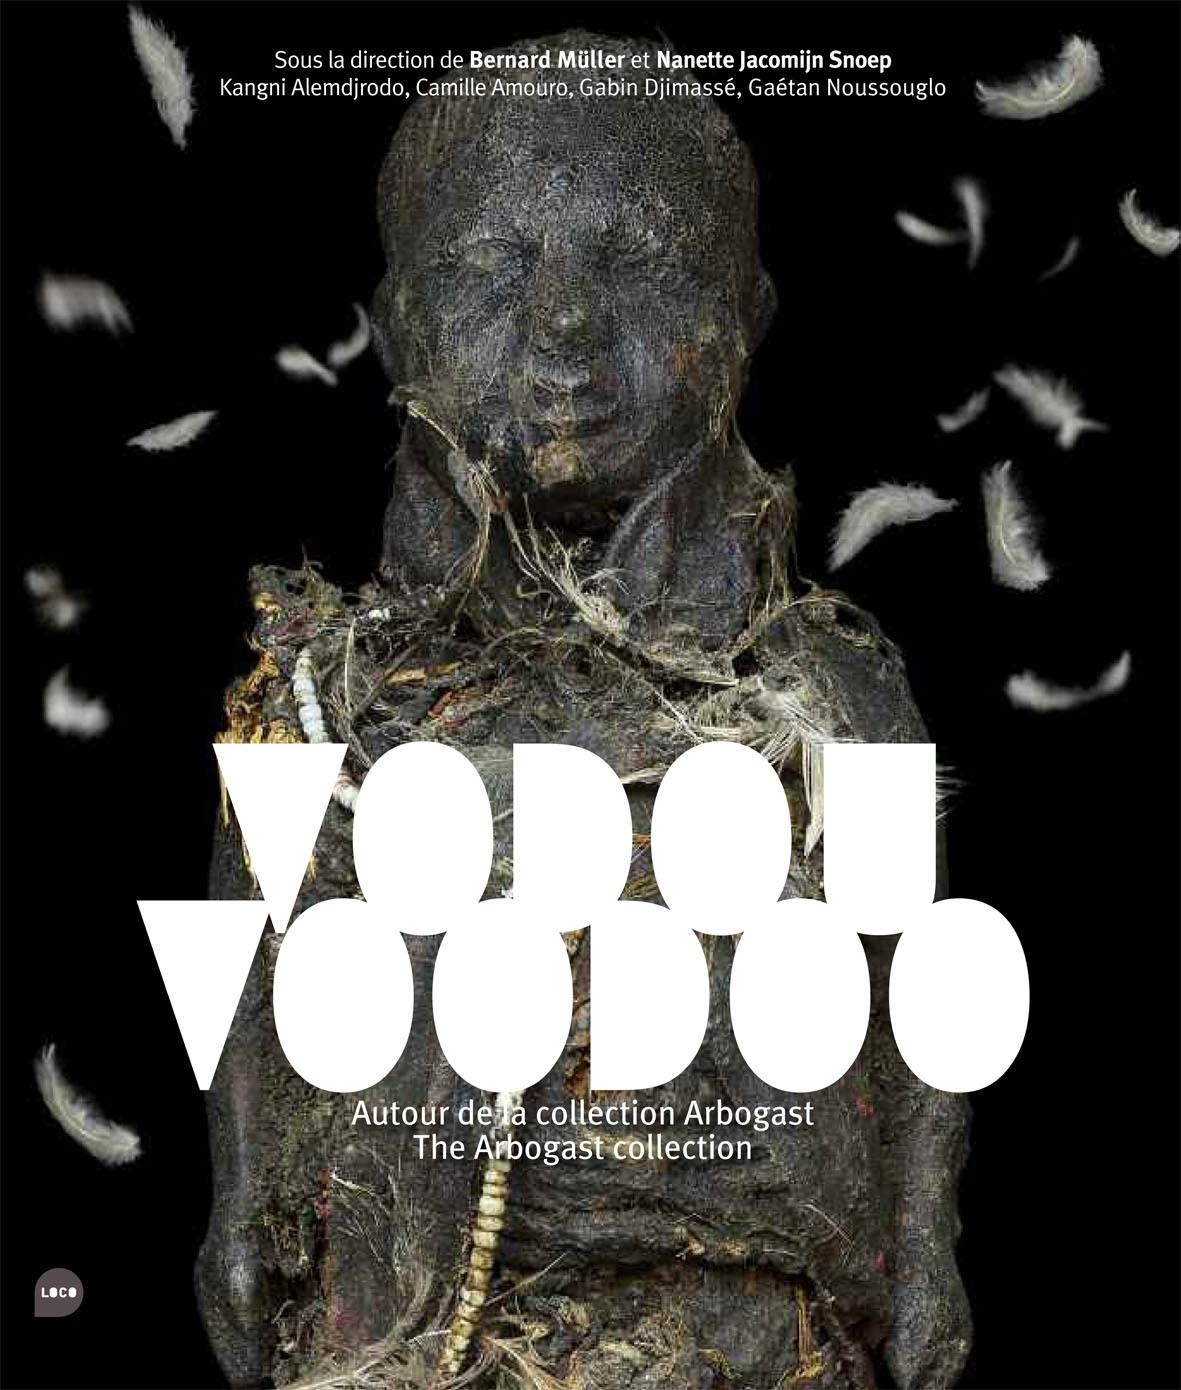 VODOU, VOODOO - AUTOUR DE LA COLLECTION ARBOGAST